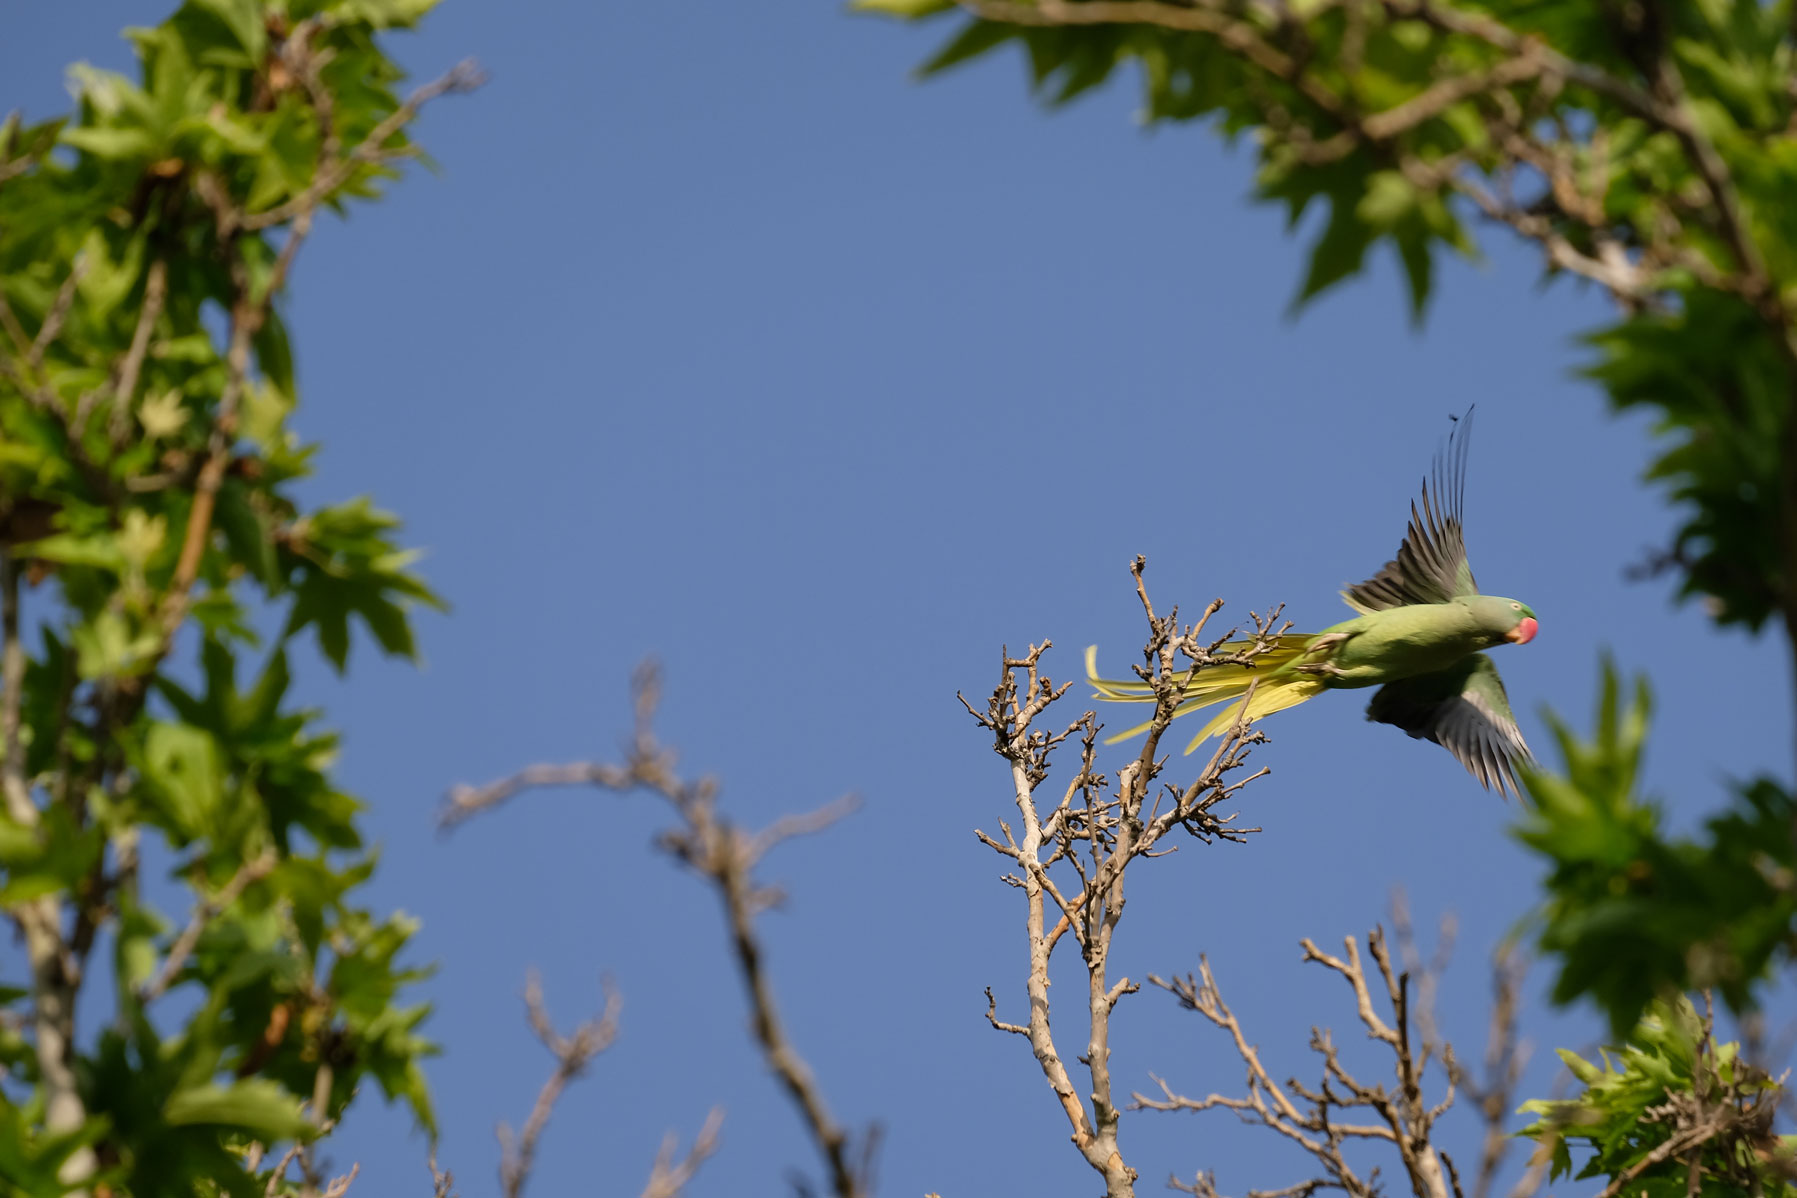 Ein davonfliegender Papagei